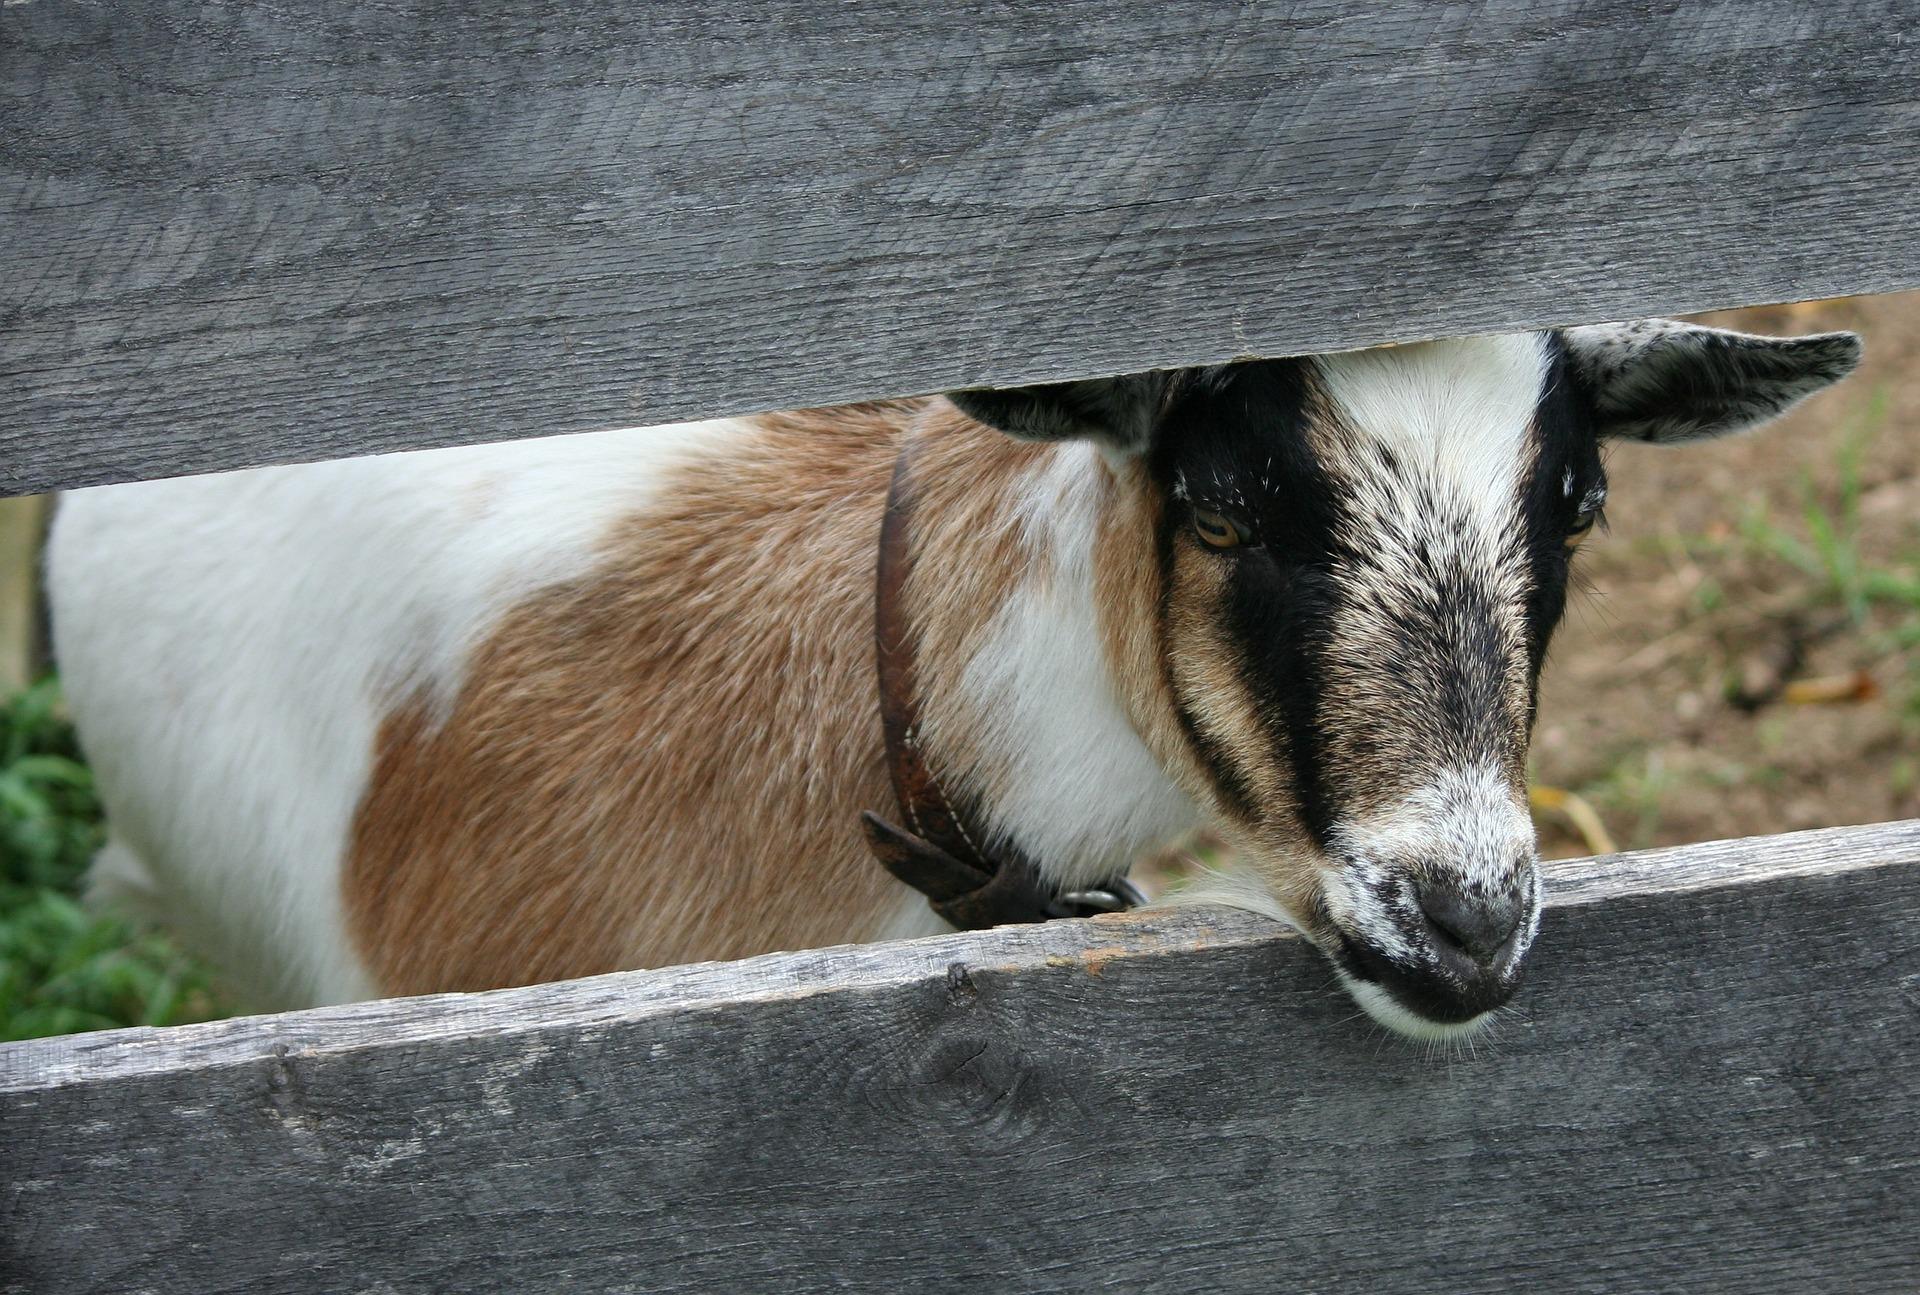 goat-58898_1920.jpg